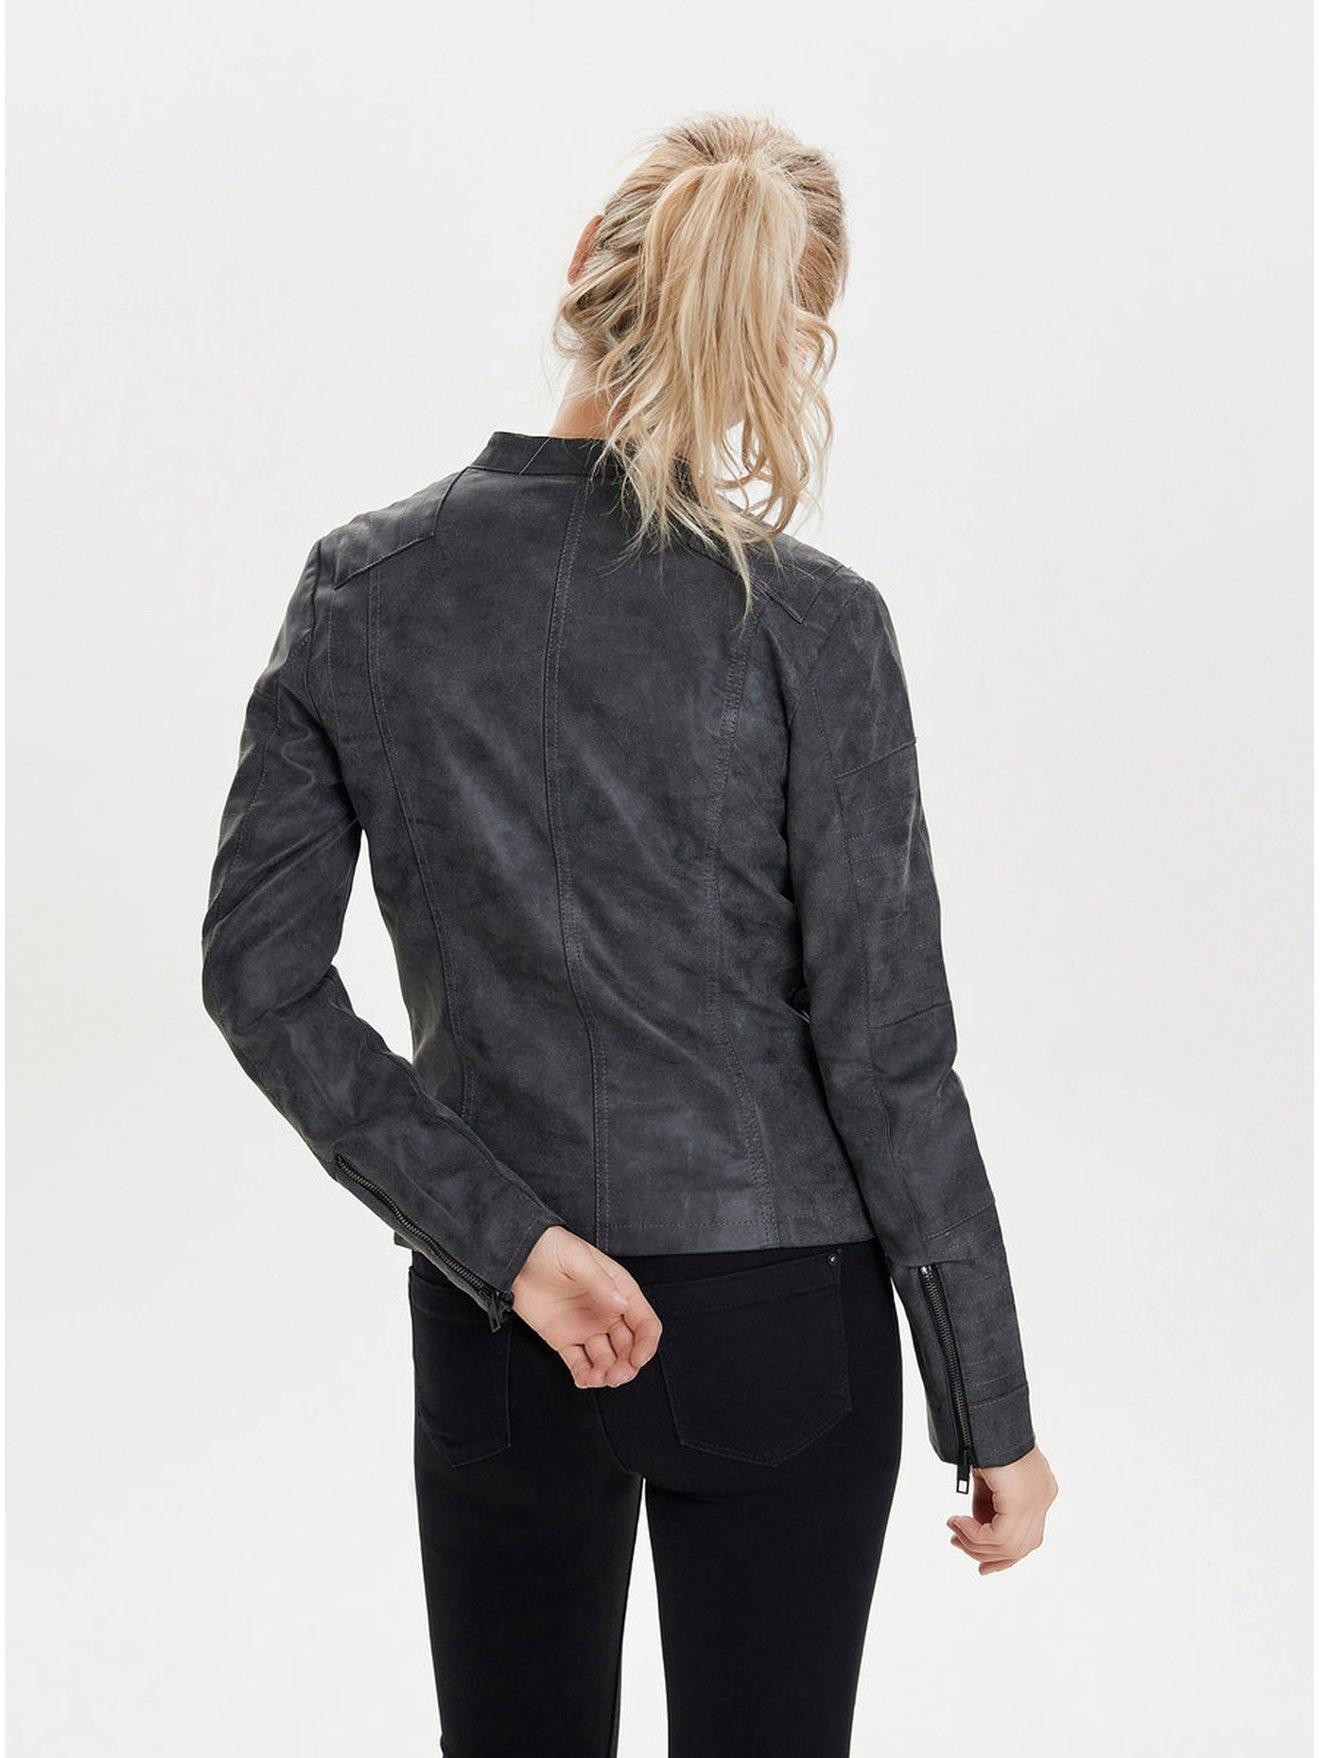 Tmavě šedý koženkový křivák s kapsami ONLY Biker